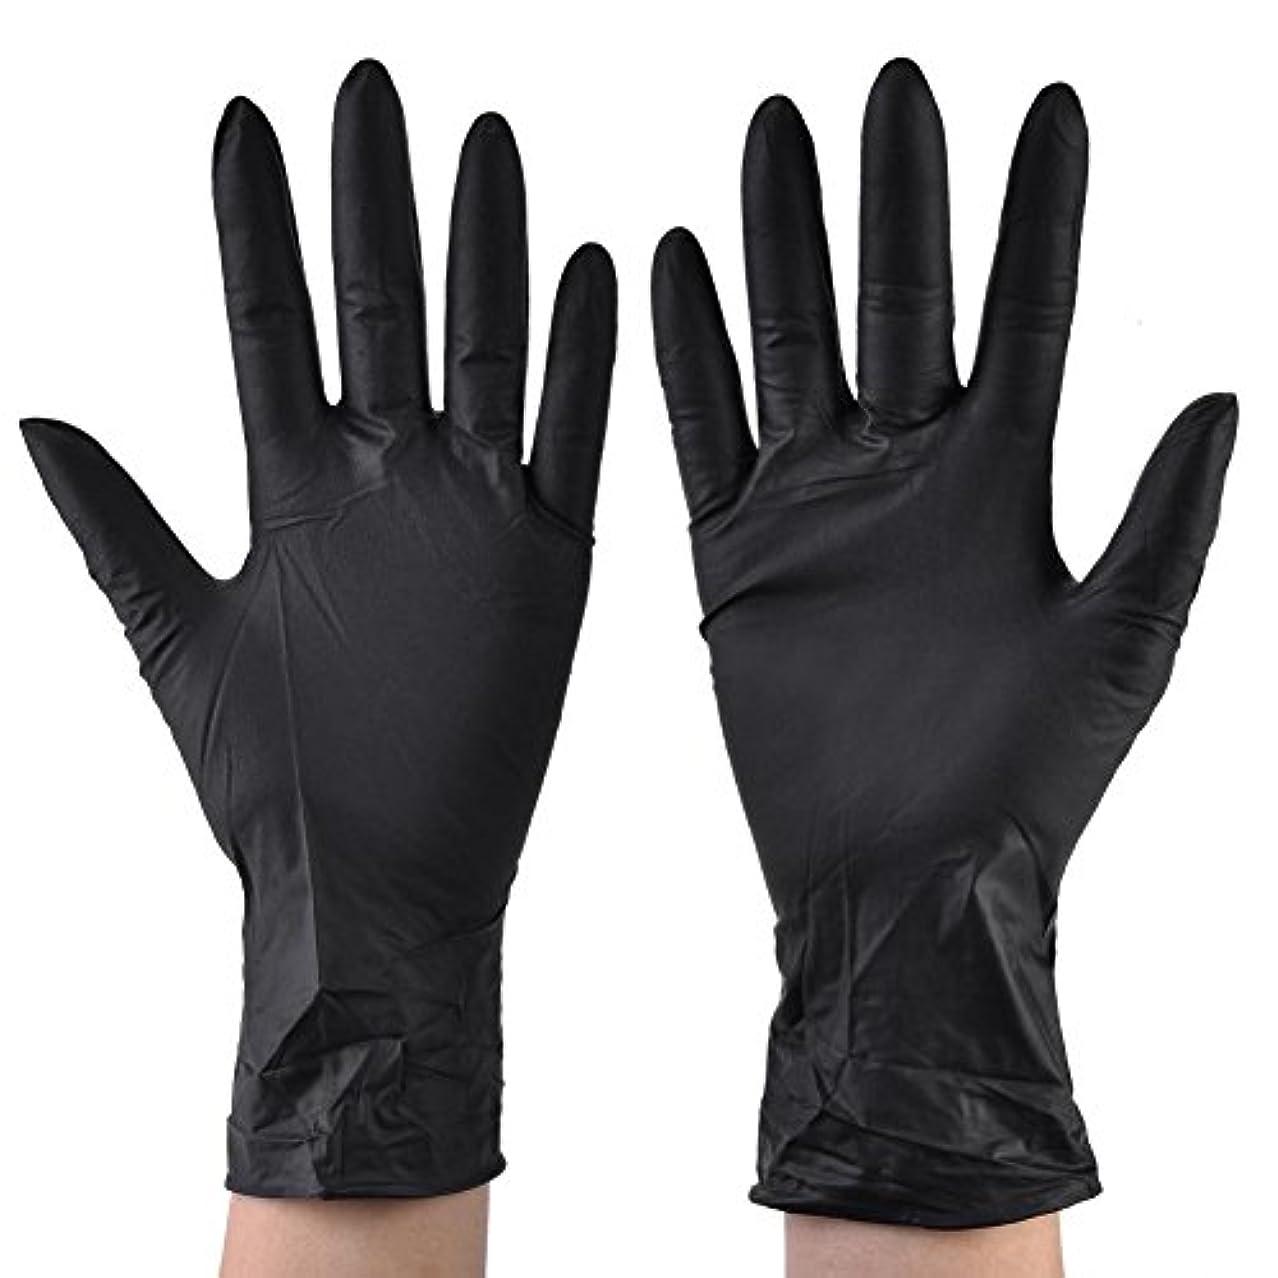 緑準備ができて通り抜ける使い捨て手袋 ニトリルグローブ ホワイト 粉なし 工業用/医療用/理美容用/レストラン用 M/L選択可 100枚 左右兼用 作業手袋(M)